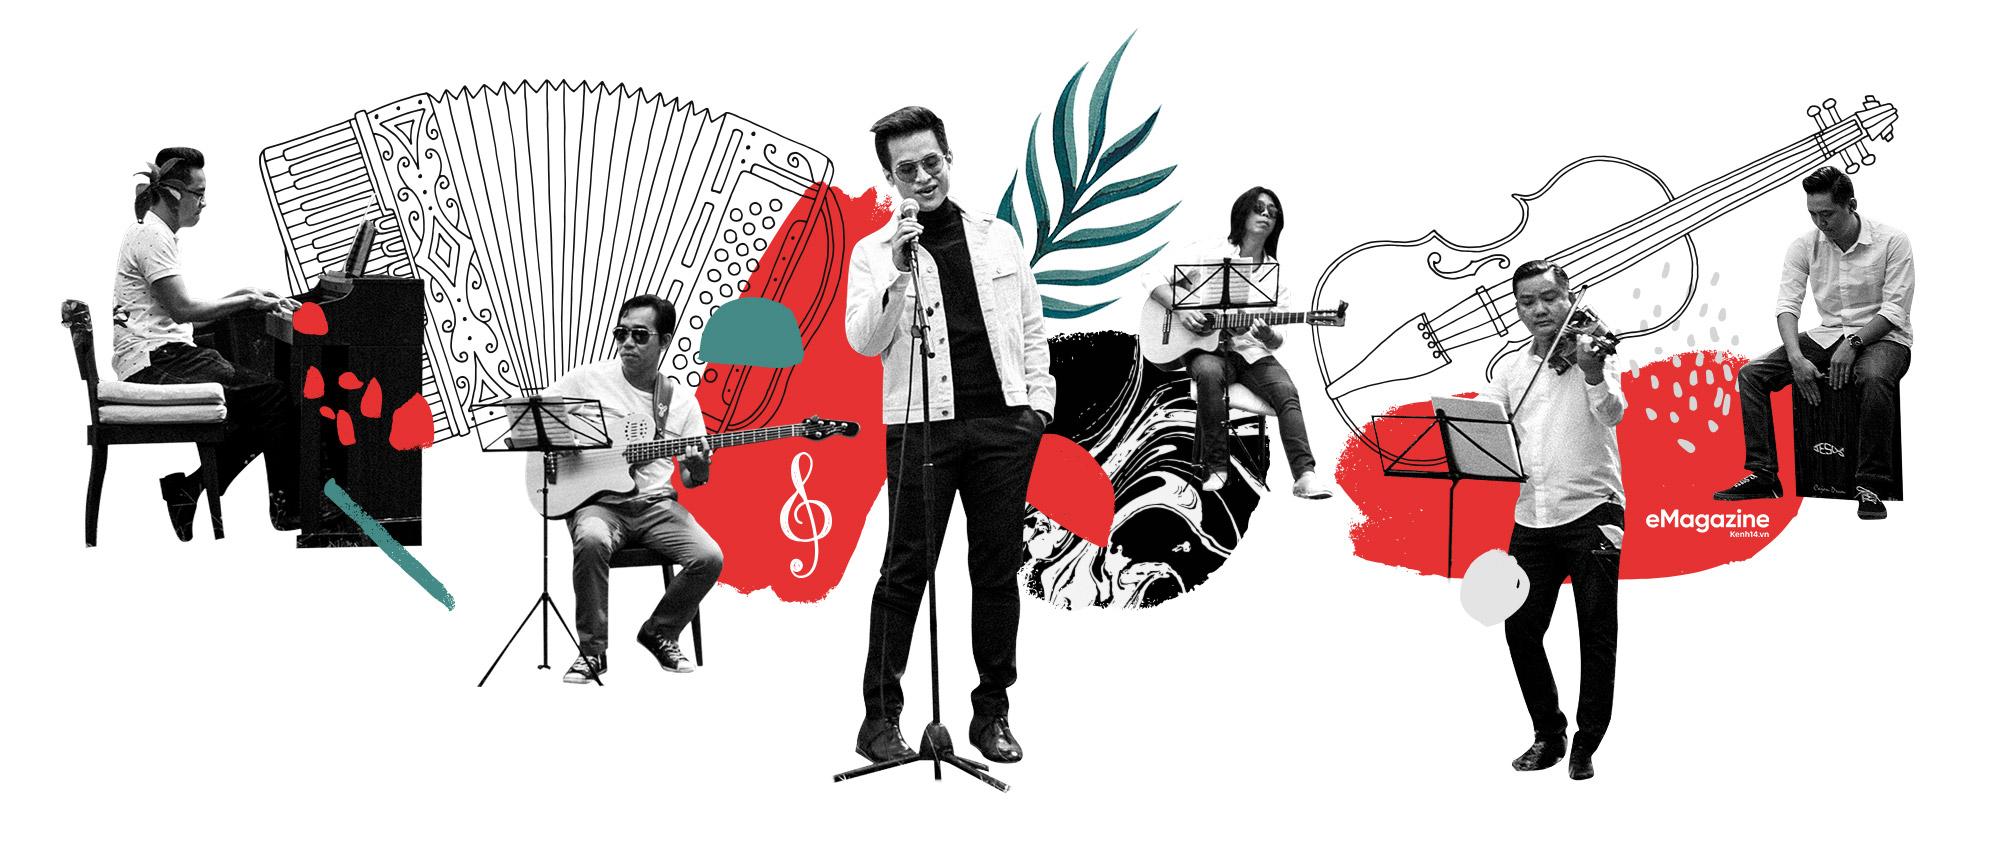 Hà Anh Tuấn: Không có nhạc sang hay hèn, thị trường hay không, chỉ có nhạc được làm tử tế hay cẩu thả - Ảnh 6.